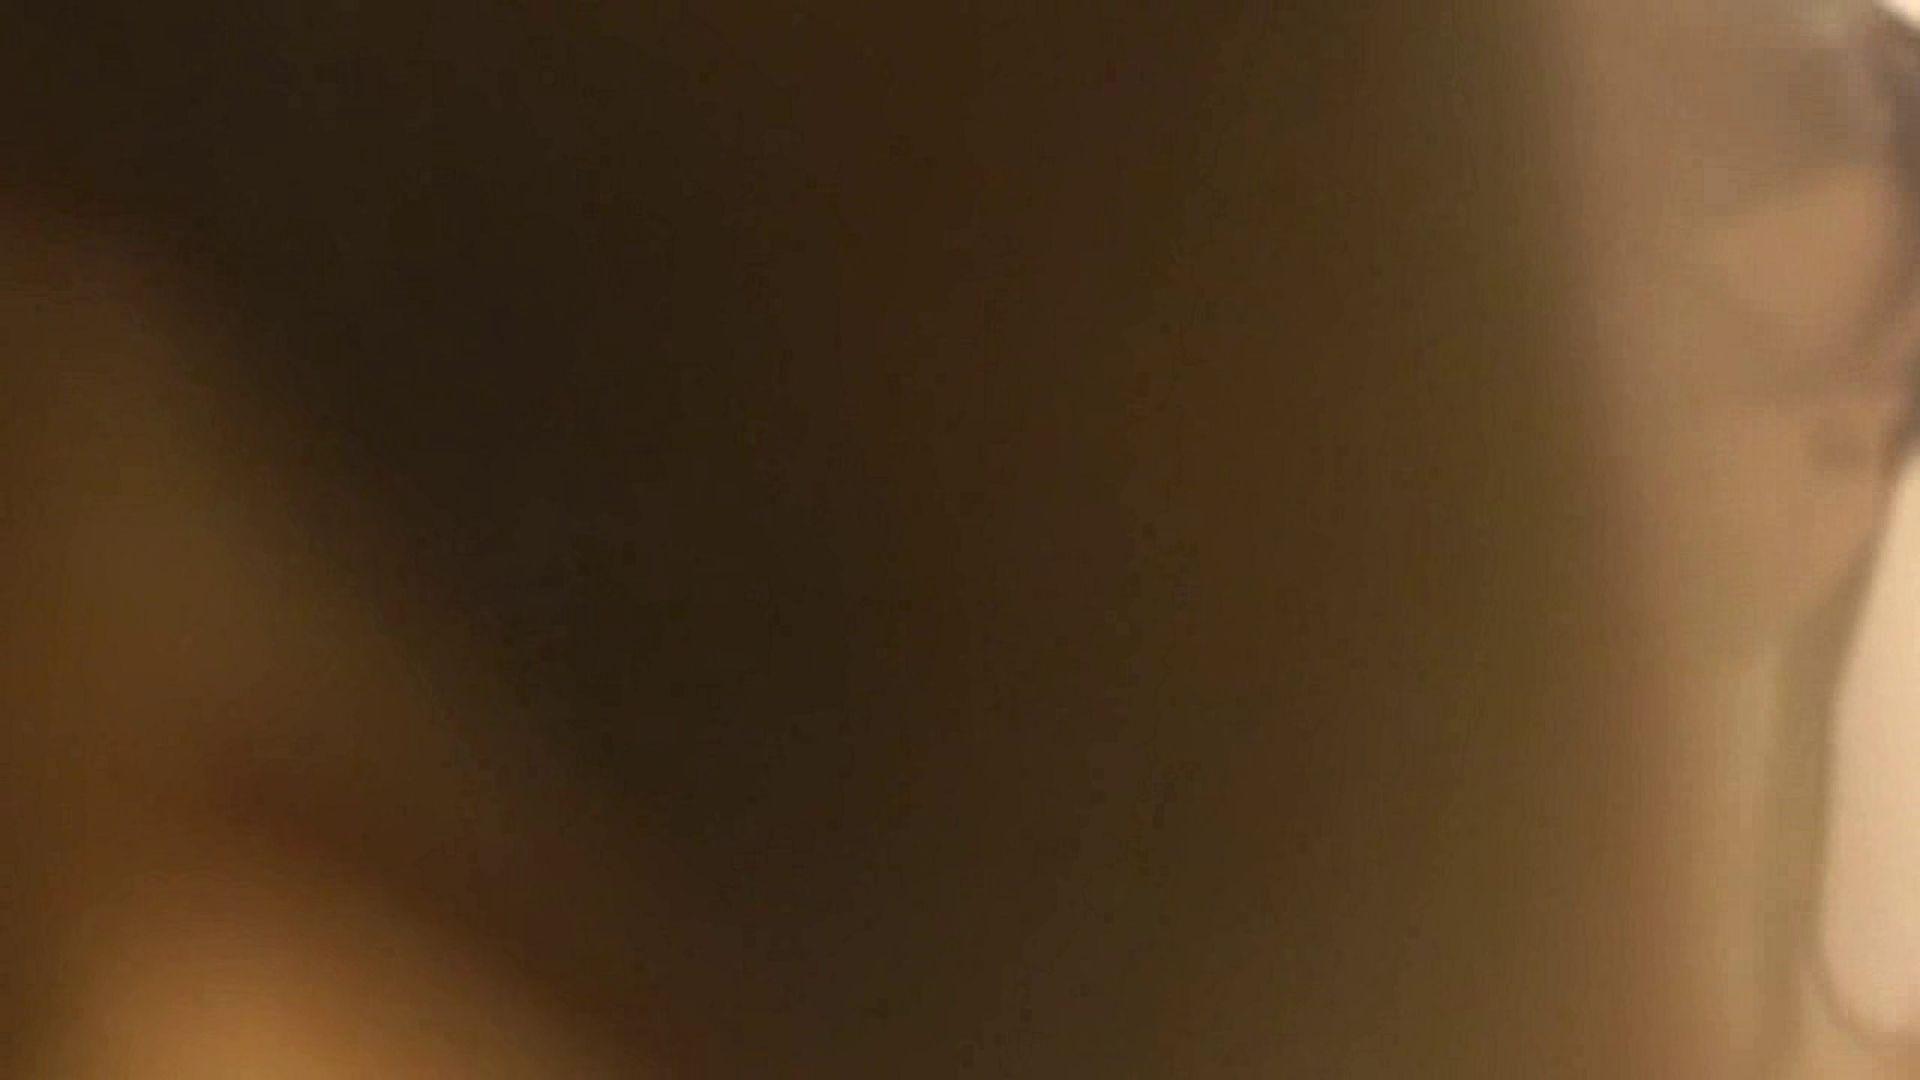 vol.1 Mayumi 窓越しに入浴シーン撮影に成功 入浴 おまんこ動画流出 60連発 26